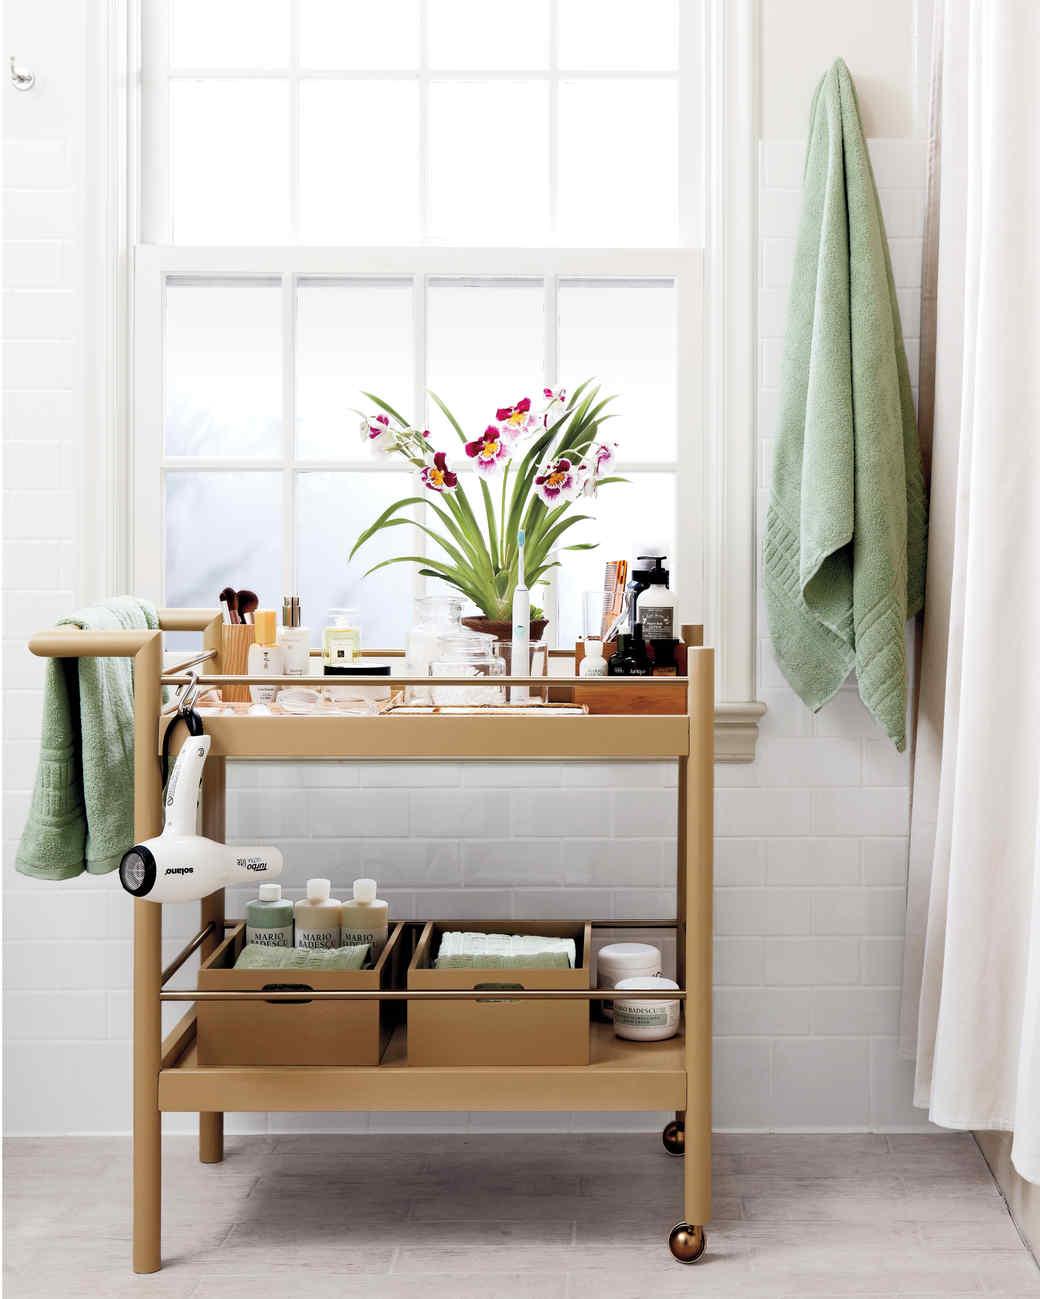 Storage ideas for bathroom